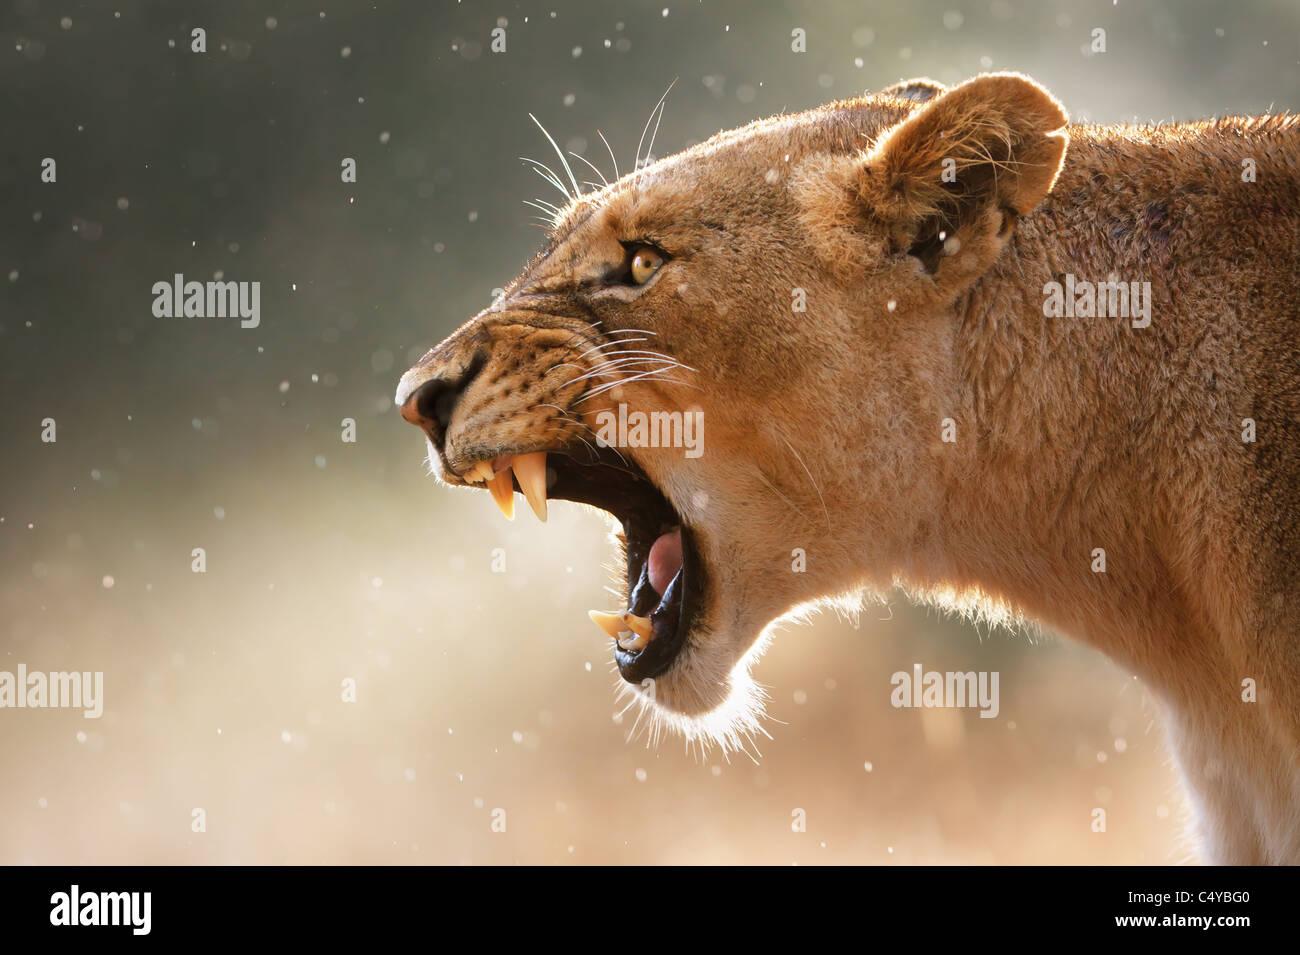 Lionne dents dangereux affiche lors d'une faible averse - Parc National Kruger - Afrique du Sud Banque D'Images